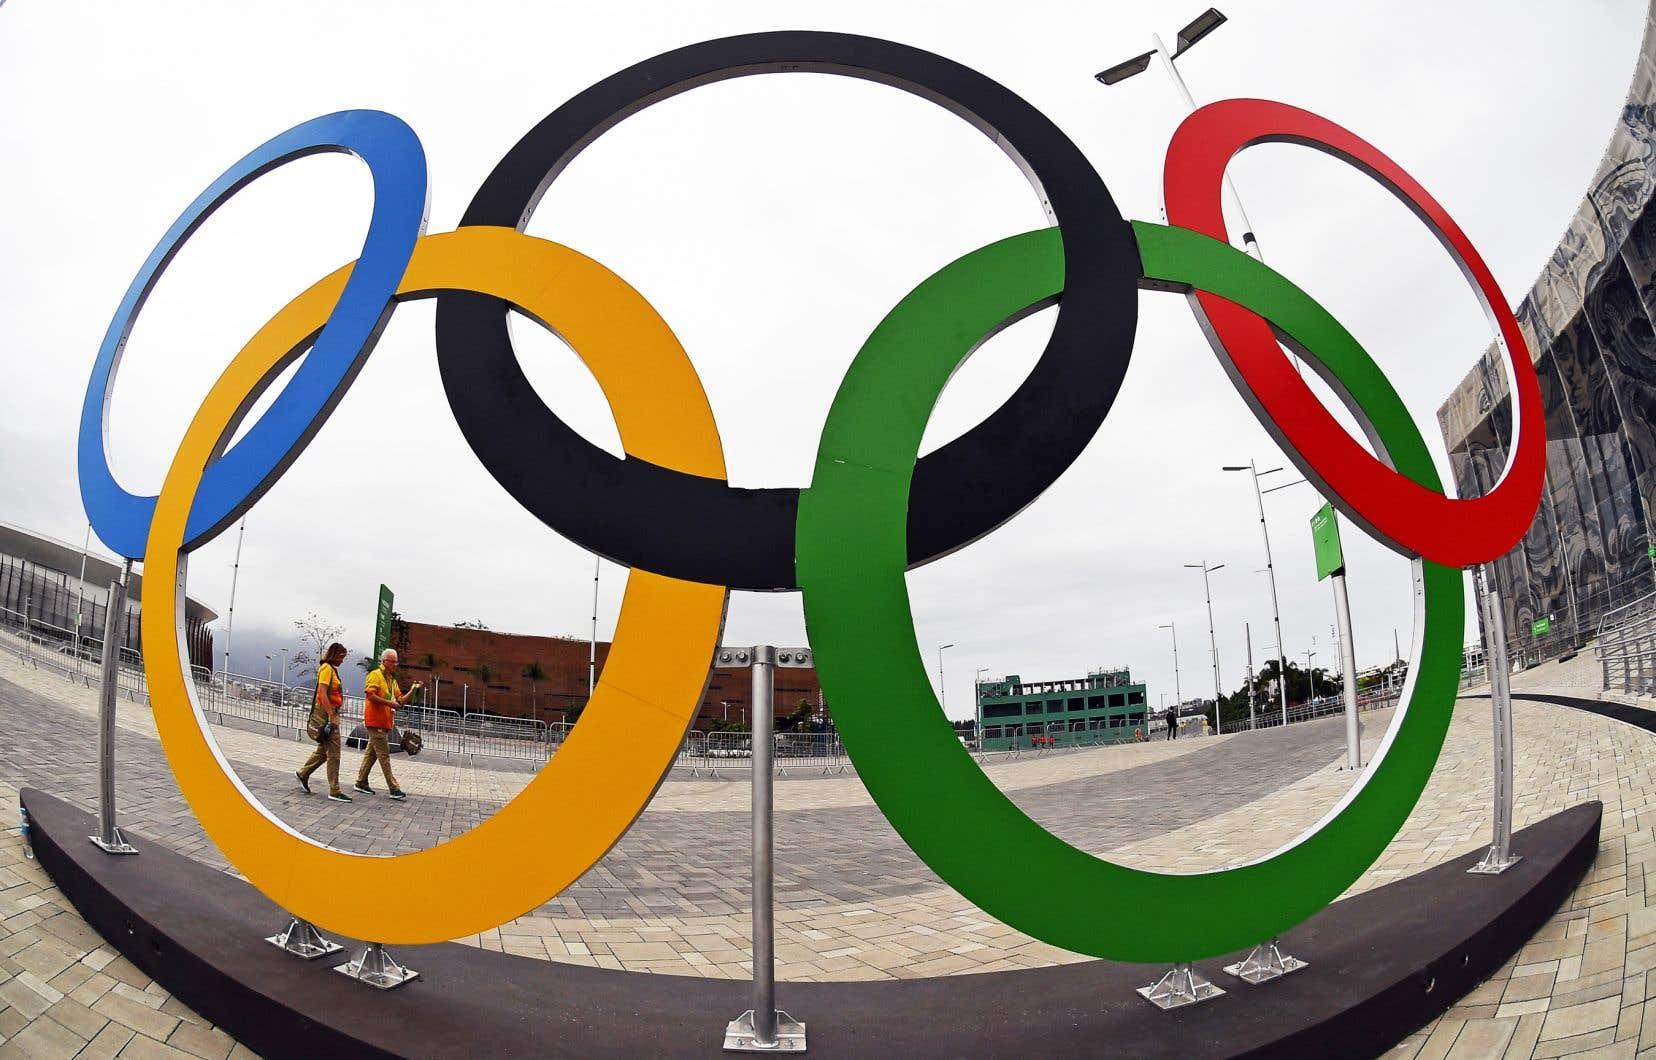 L'événement créera «une passerelle entre le monde sportif réel et la communauté des sports virtuels et de simulation», déclare l'instance olympique.